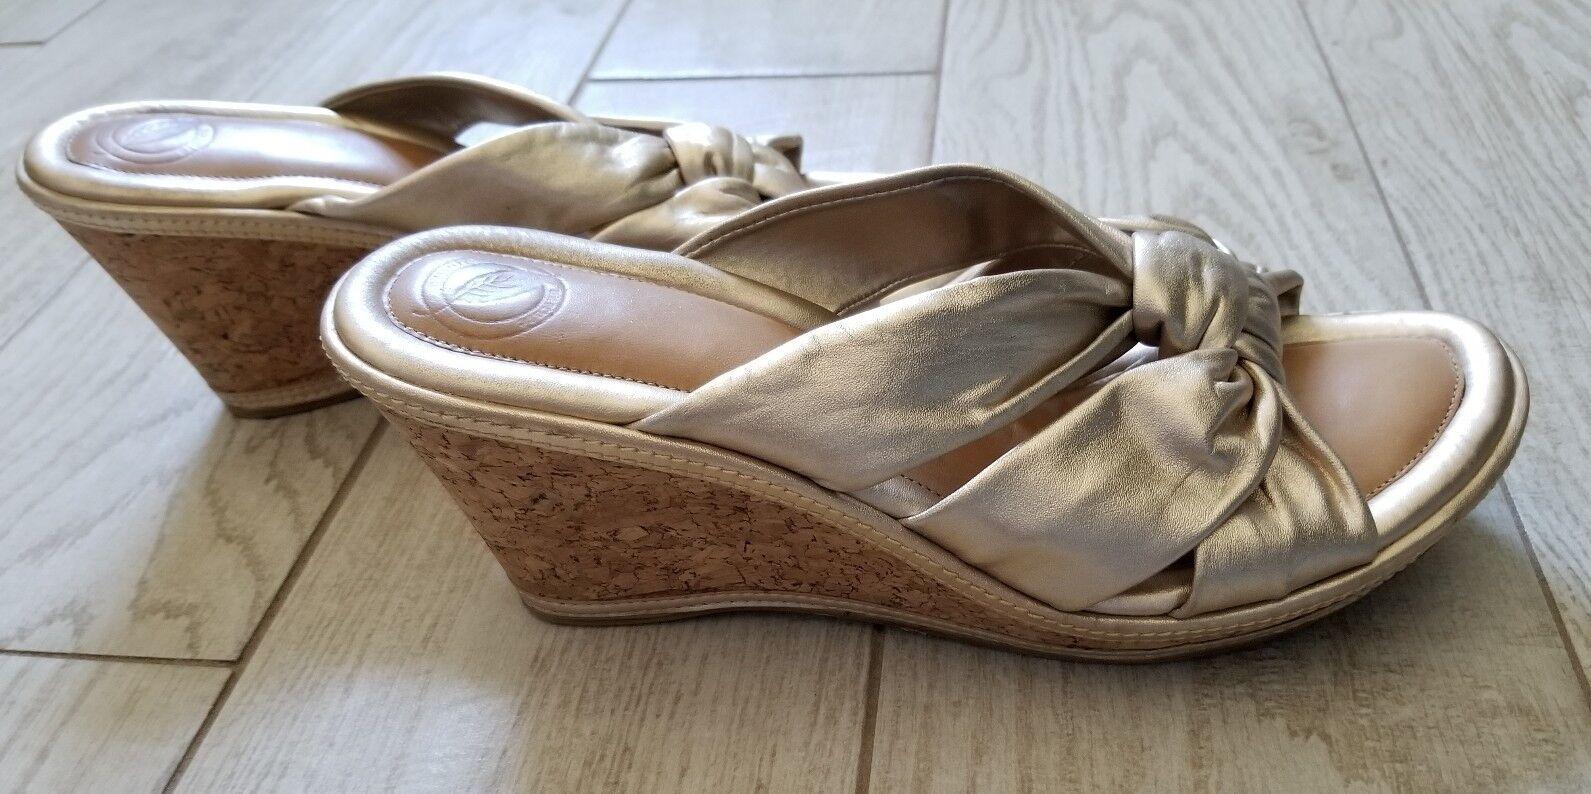 Nurture Wedge Heels Größe 9 1 2 M - Cork Cork Cork Gold - heel height 3 1 2  - Juan 050f57